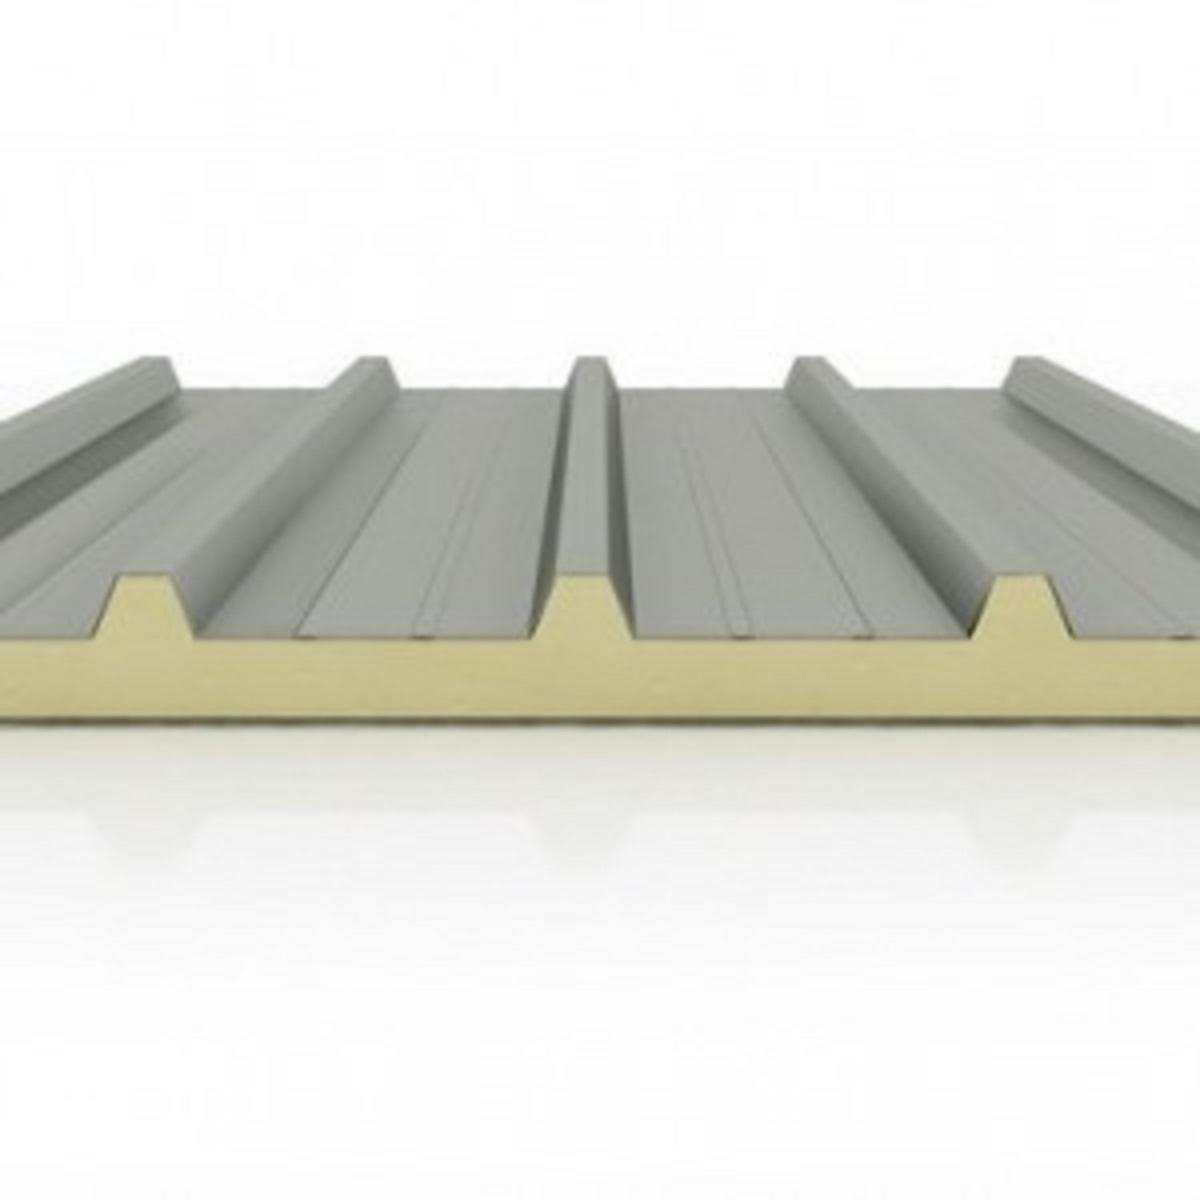 Panel s ndwich met lico de cubierta la casa por el tejado for Chapa imitacion teja sin aislamiento